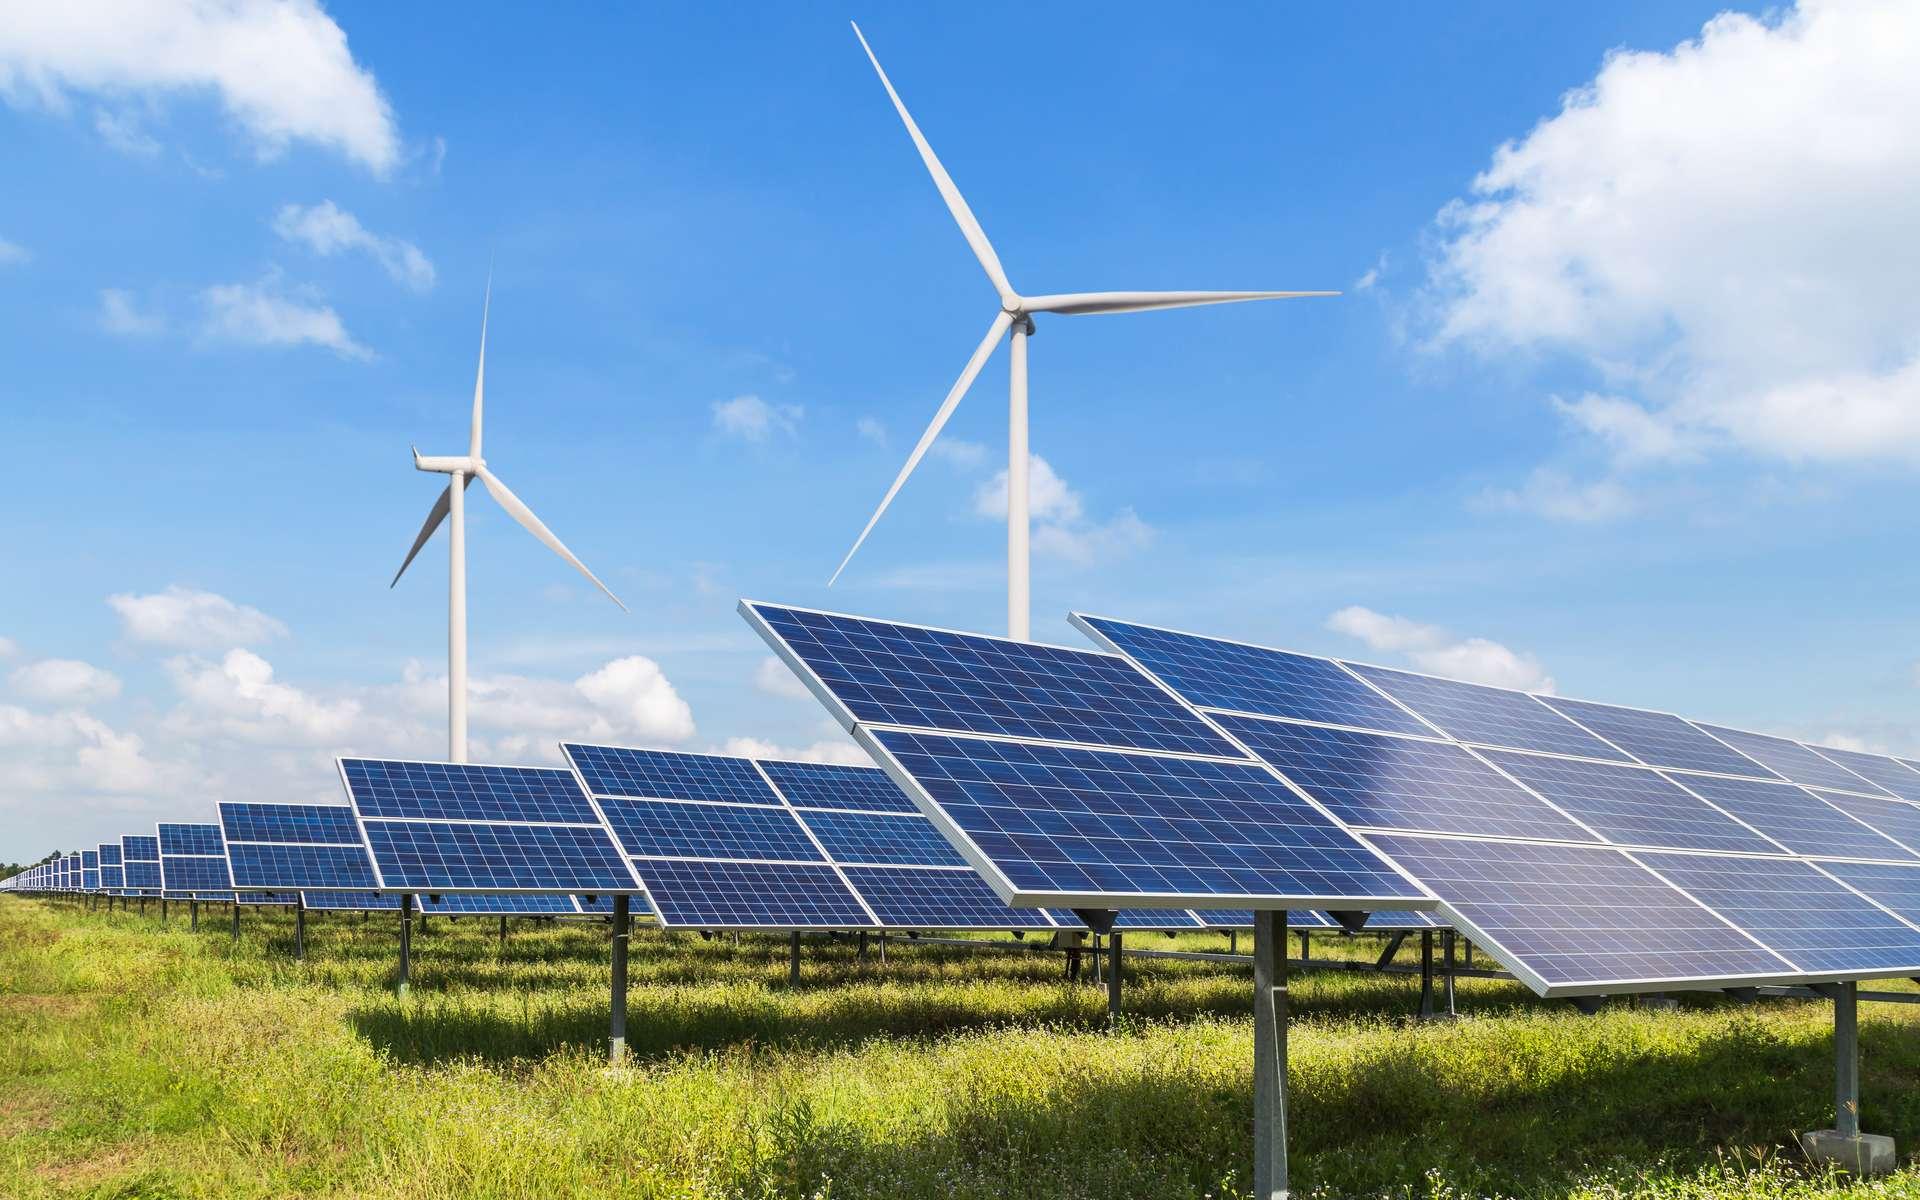 Éoliennes et panneaux solaires, deux types de production d'énergie verte. © Soonthorn, Adobe Stock